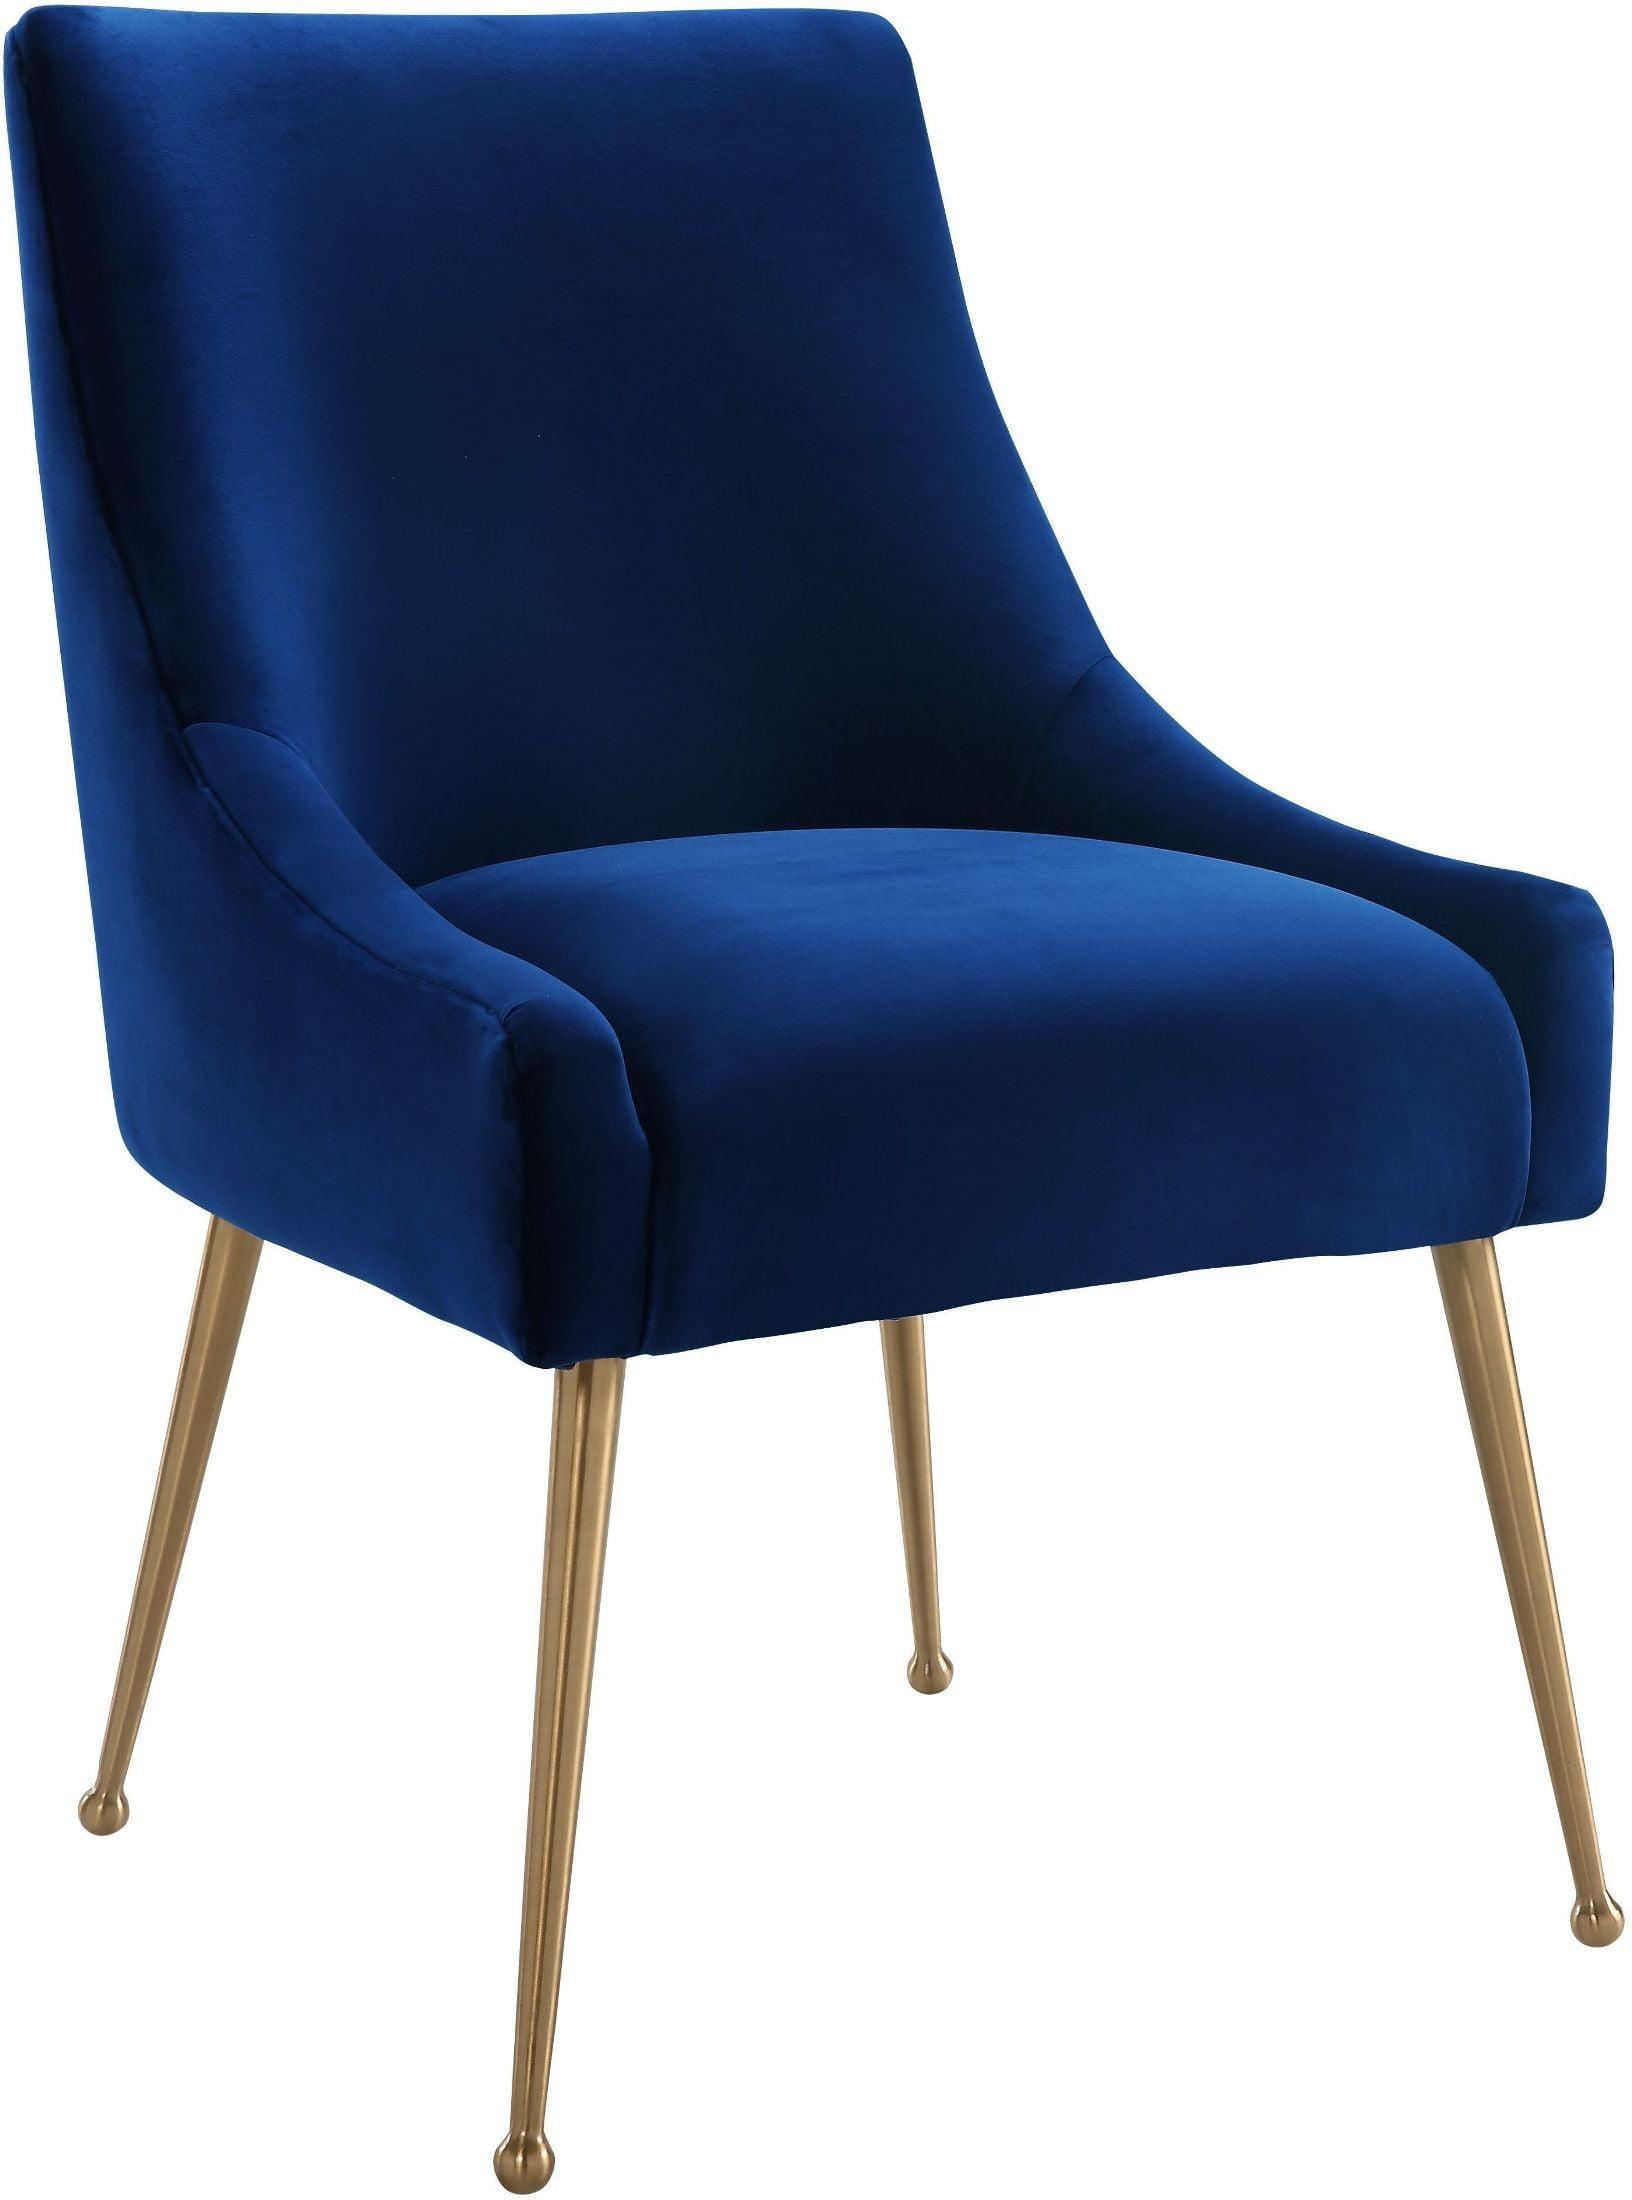 Navy Velvet Accent Chair